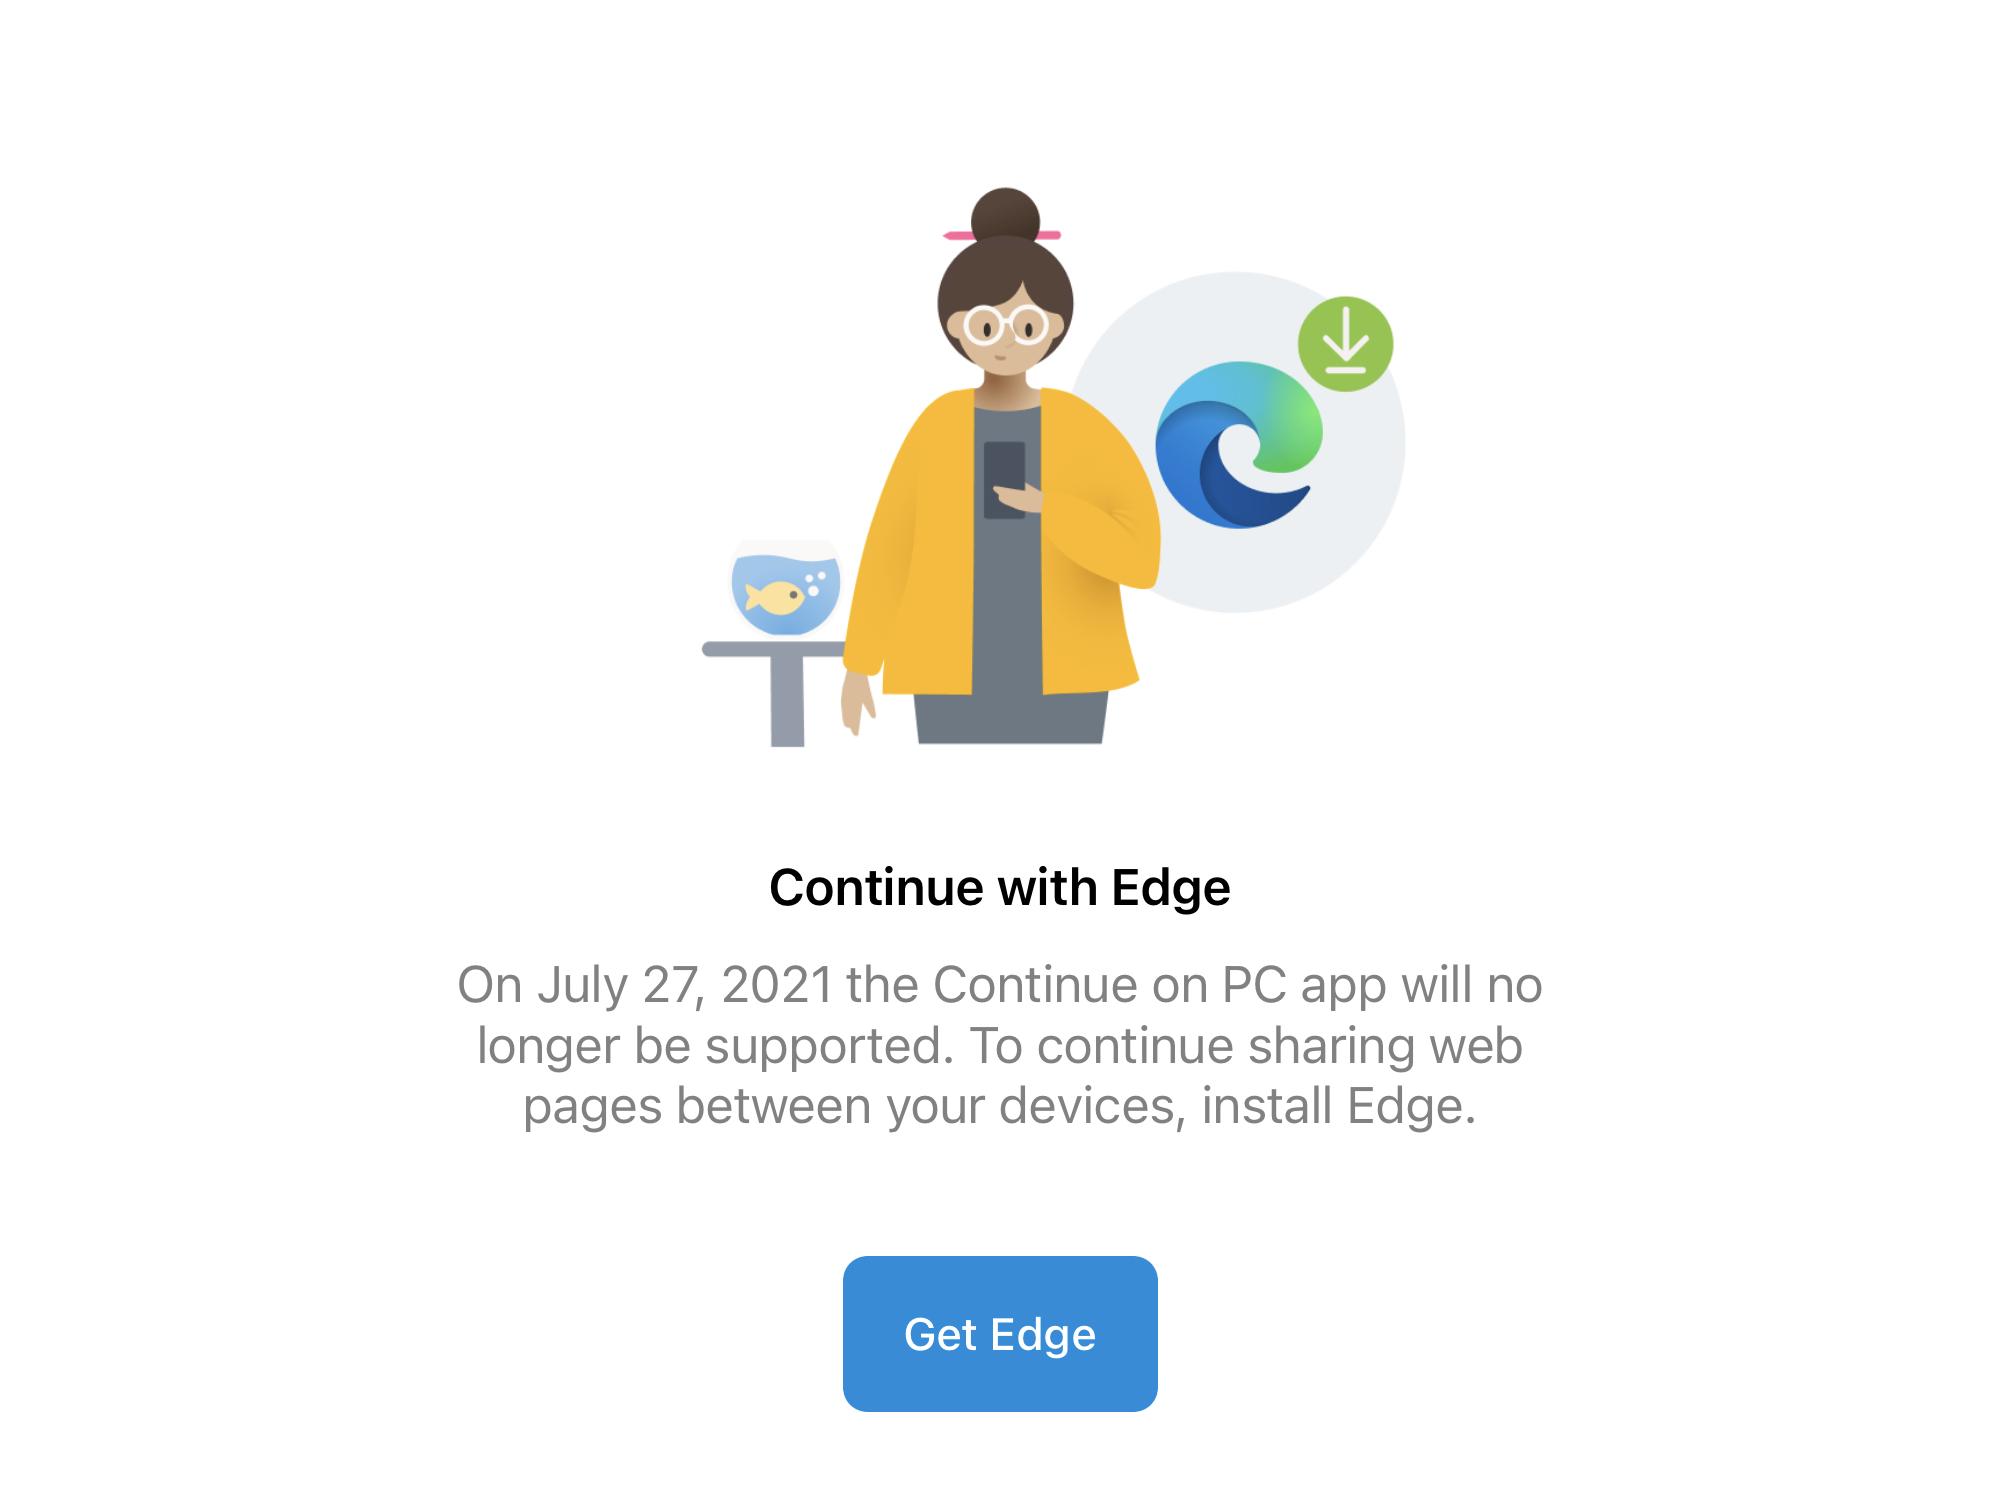 Microsoft、iOSアプリ「PC で続行」の提供を7月27日で終了